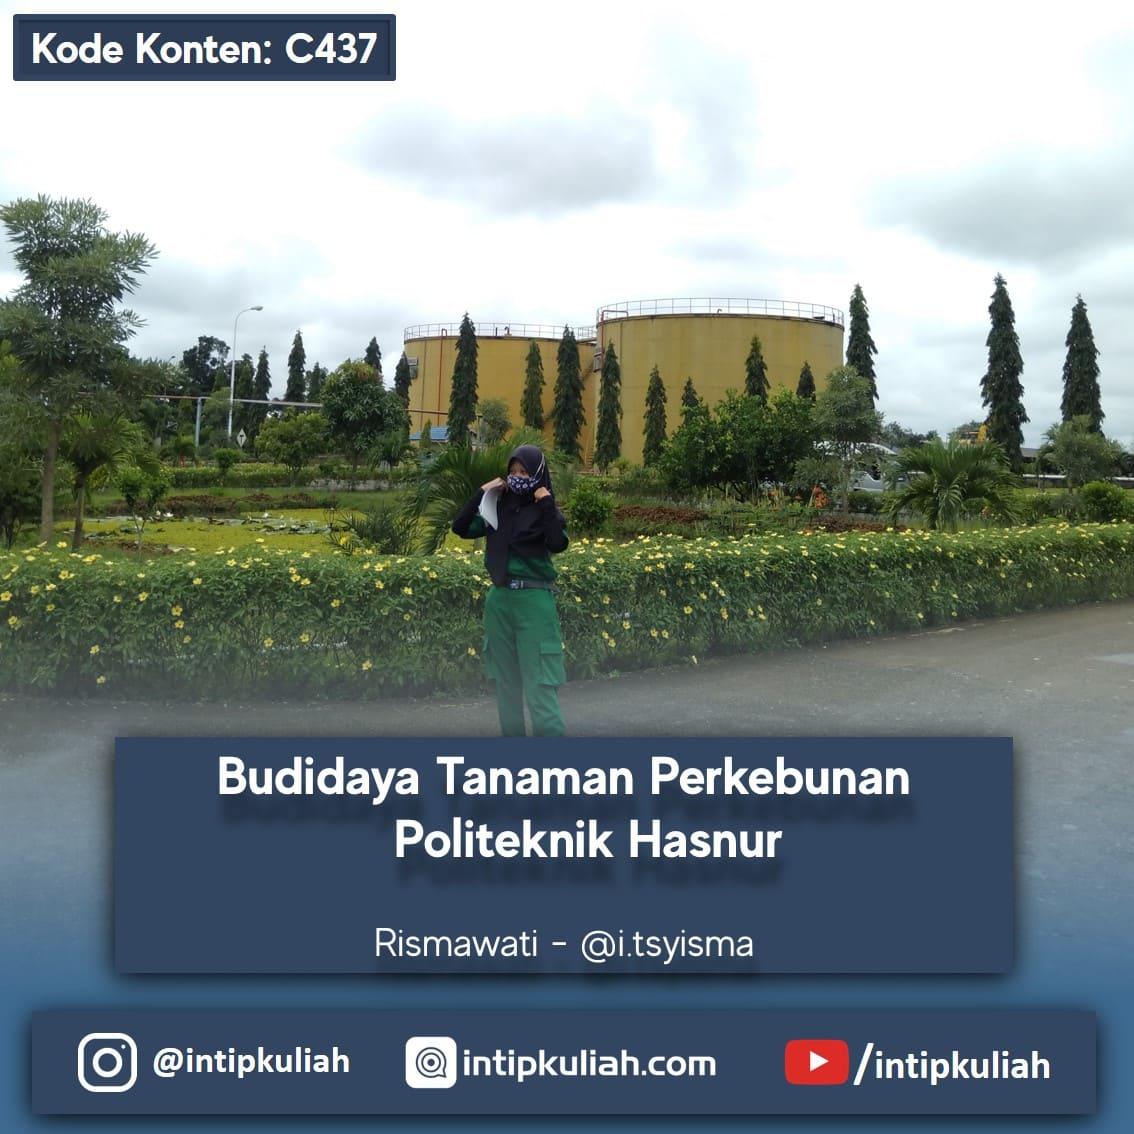 Budidaya Tanaman Perkebunan Politeknik Hasnur (Risma)